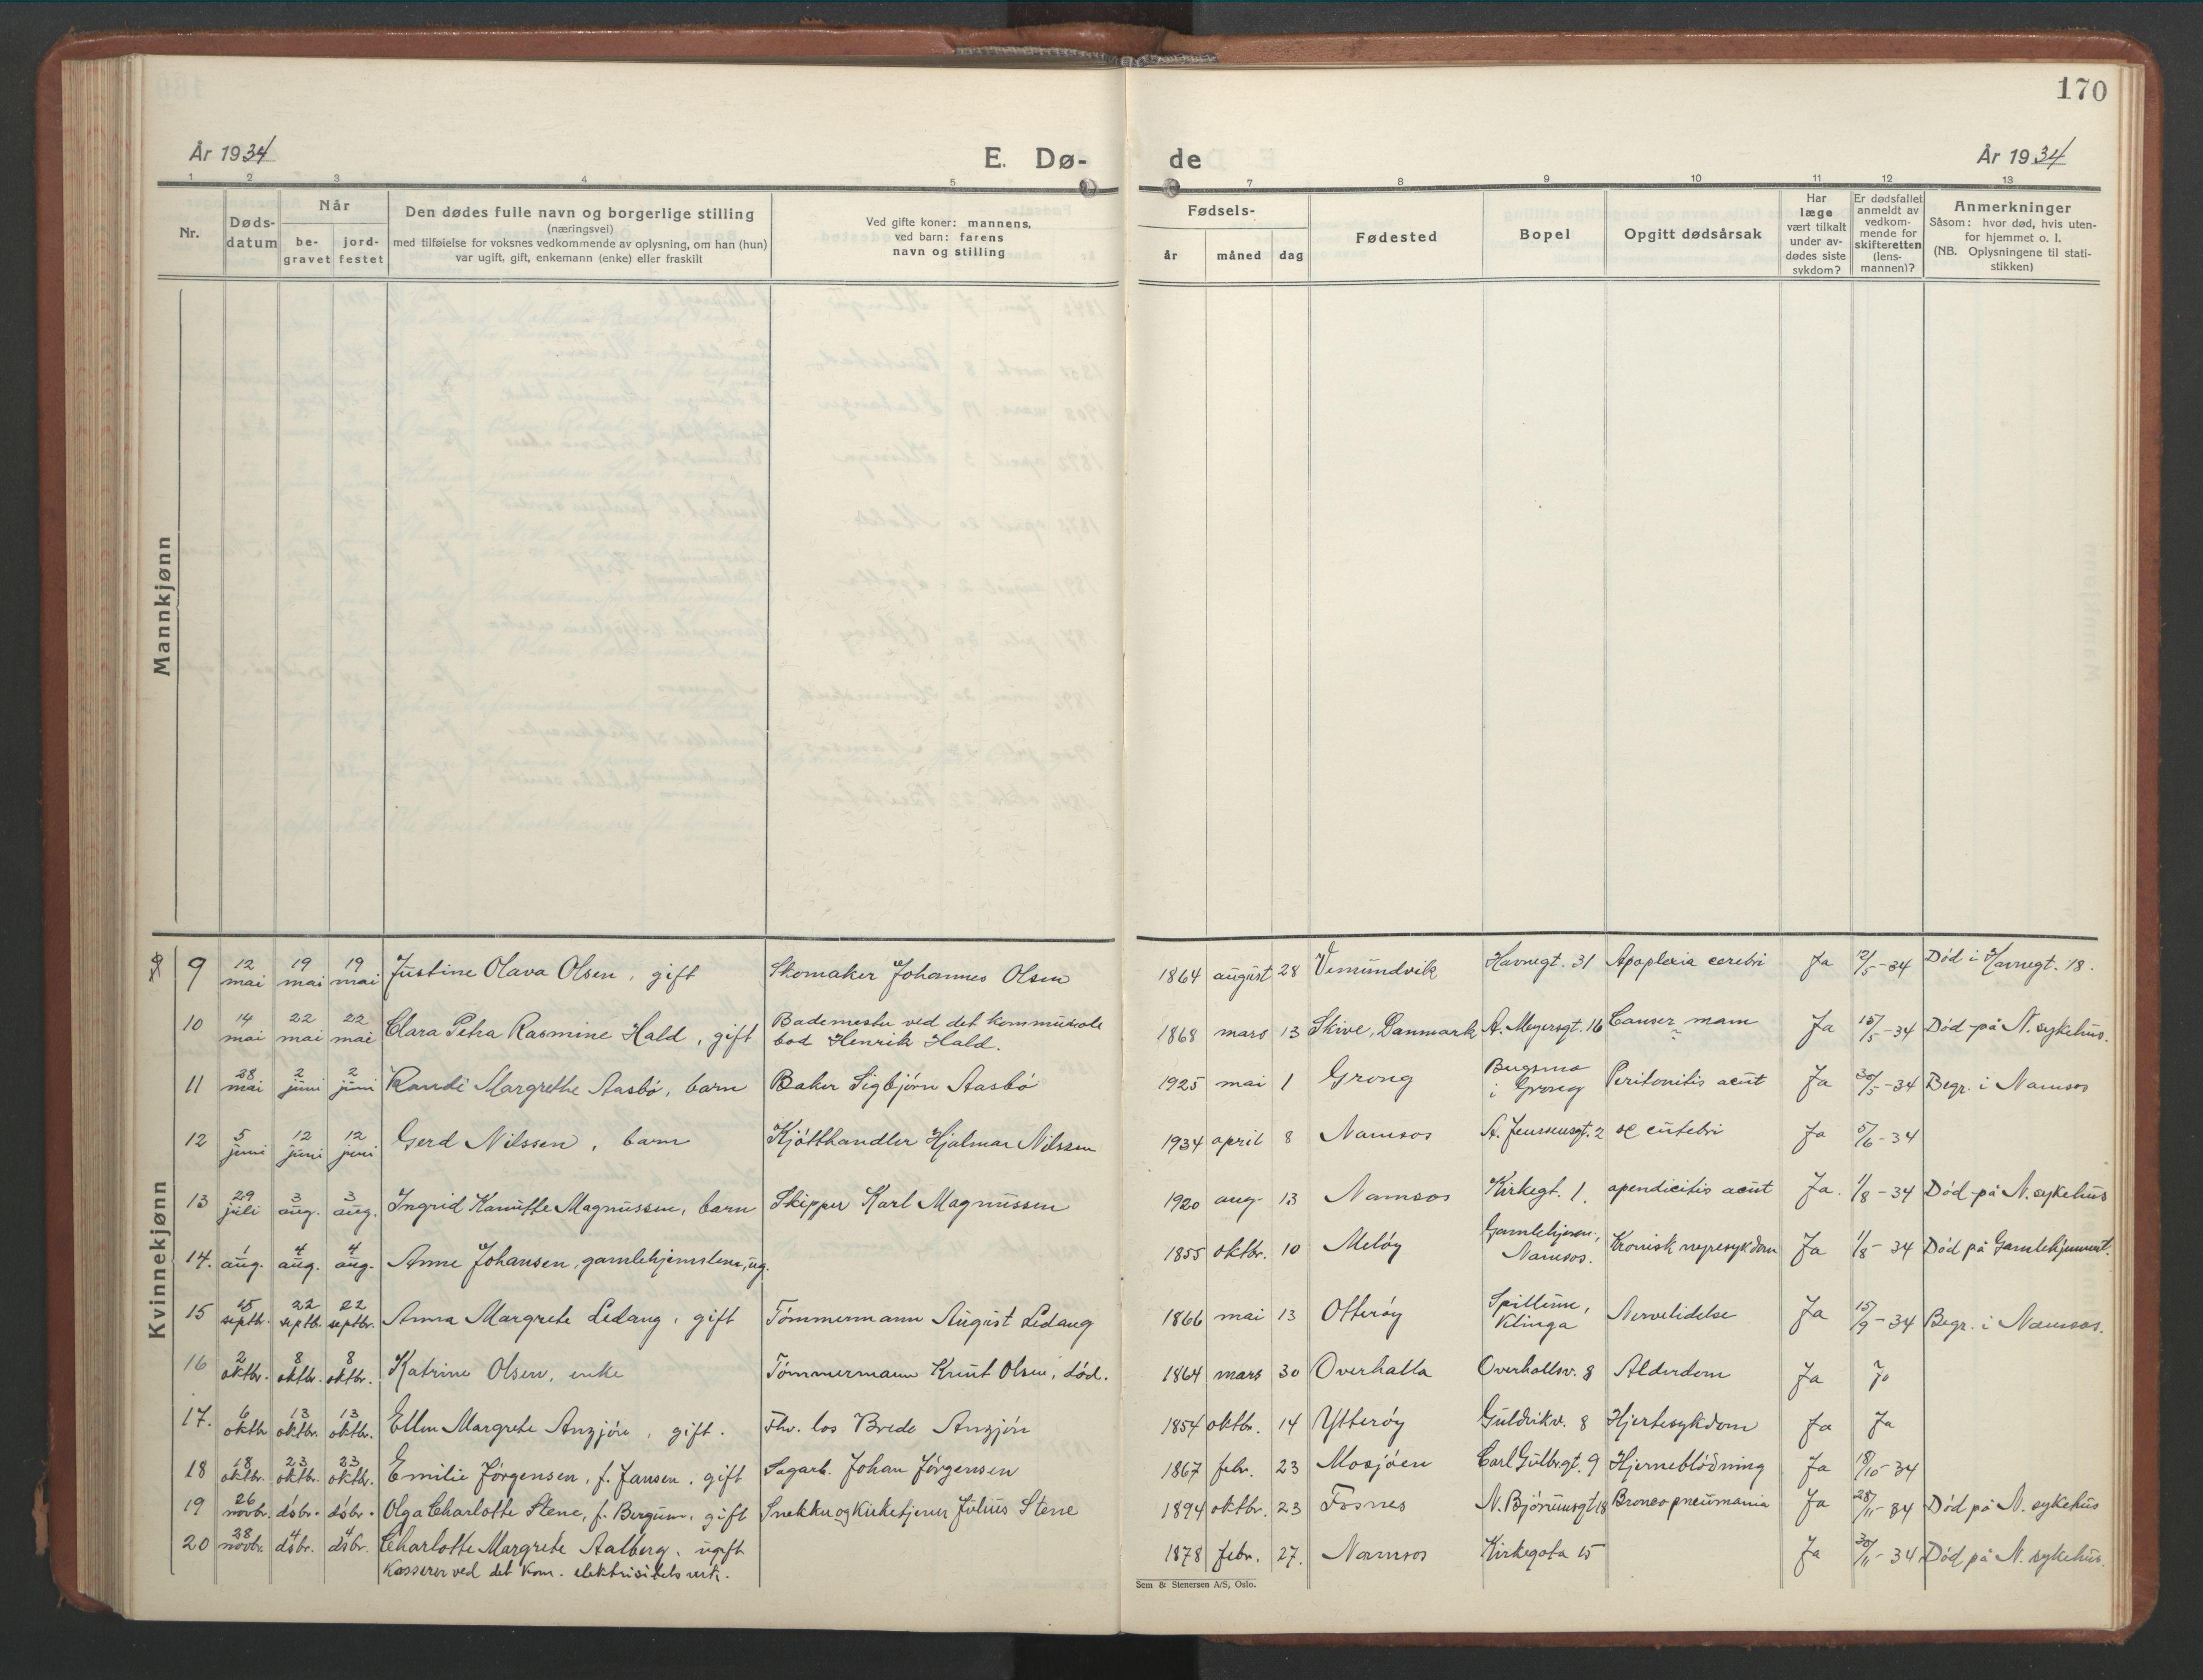 SAT, Ministerialprotokoller, klokkerbøker og fødselsregistre - Nord-Trøndelag, 768/L0583: Klokkerbok nr. 768C01, 1928-1953, s. 170